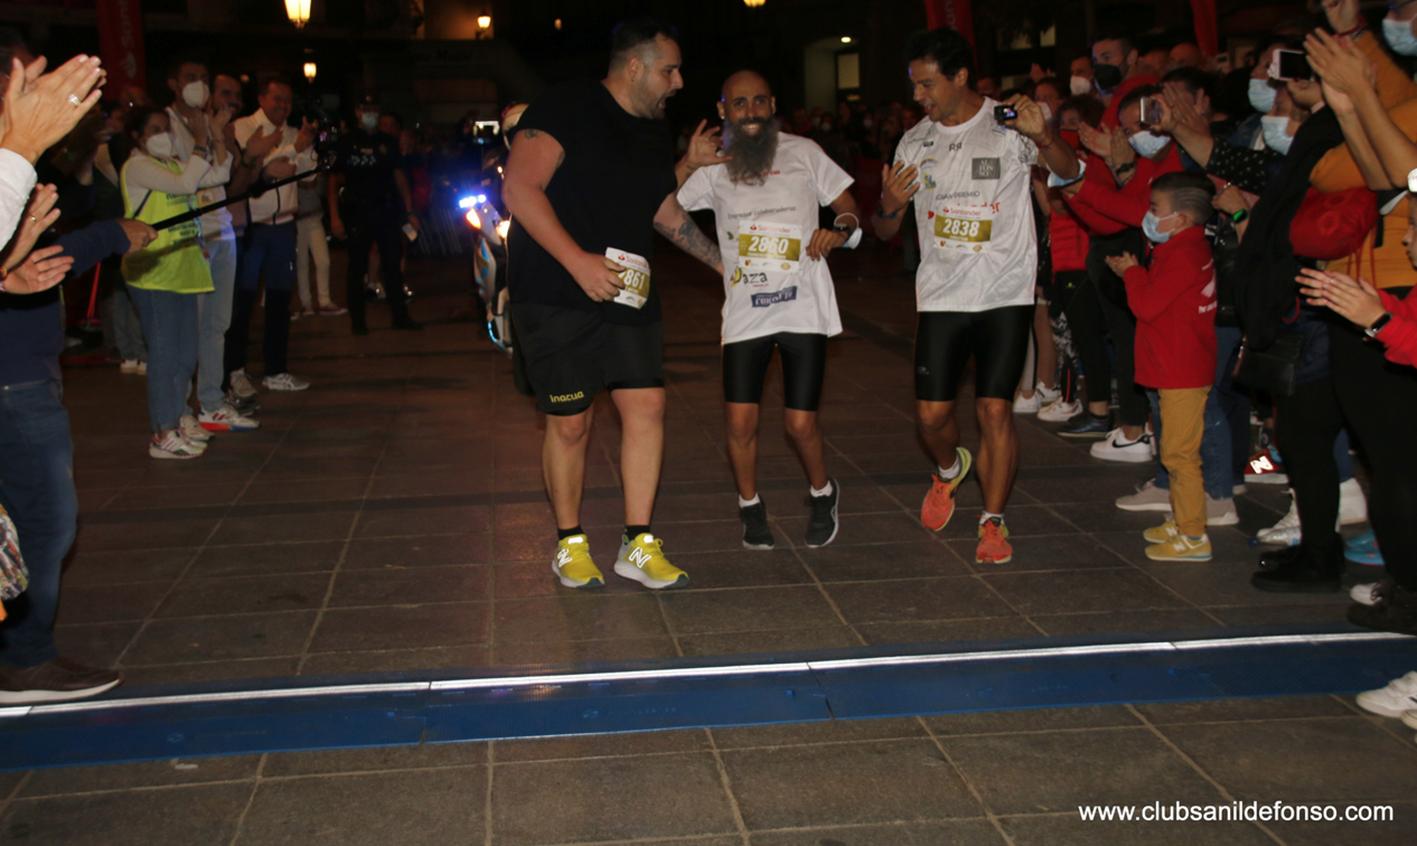 La Nocturna de Toledo, un nuevo éxito del atletismo. Foto: clubsanildefonso.com